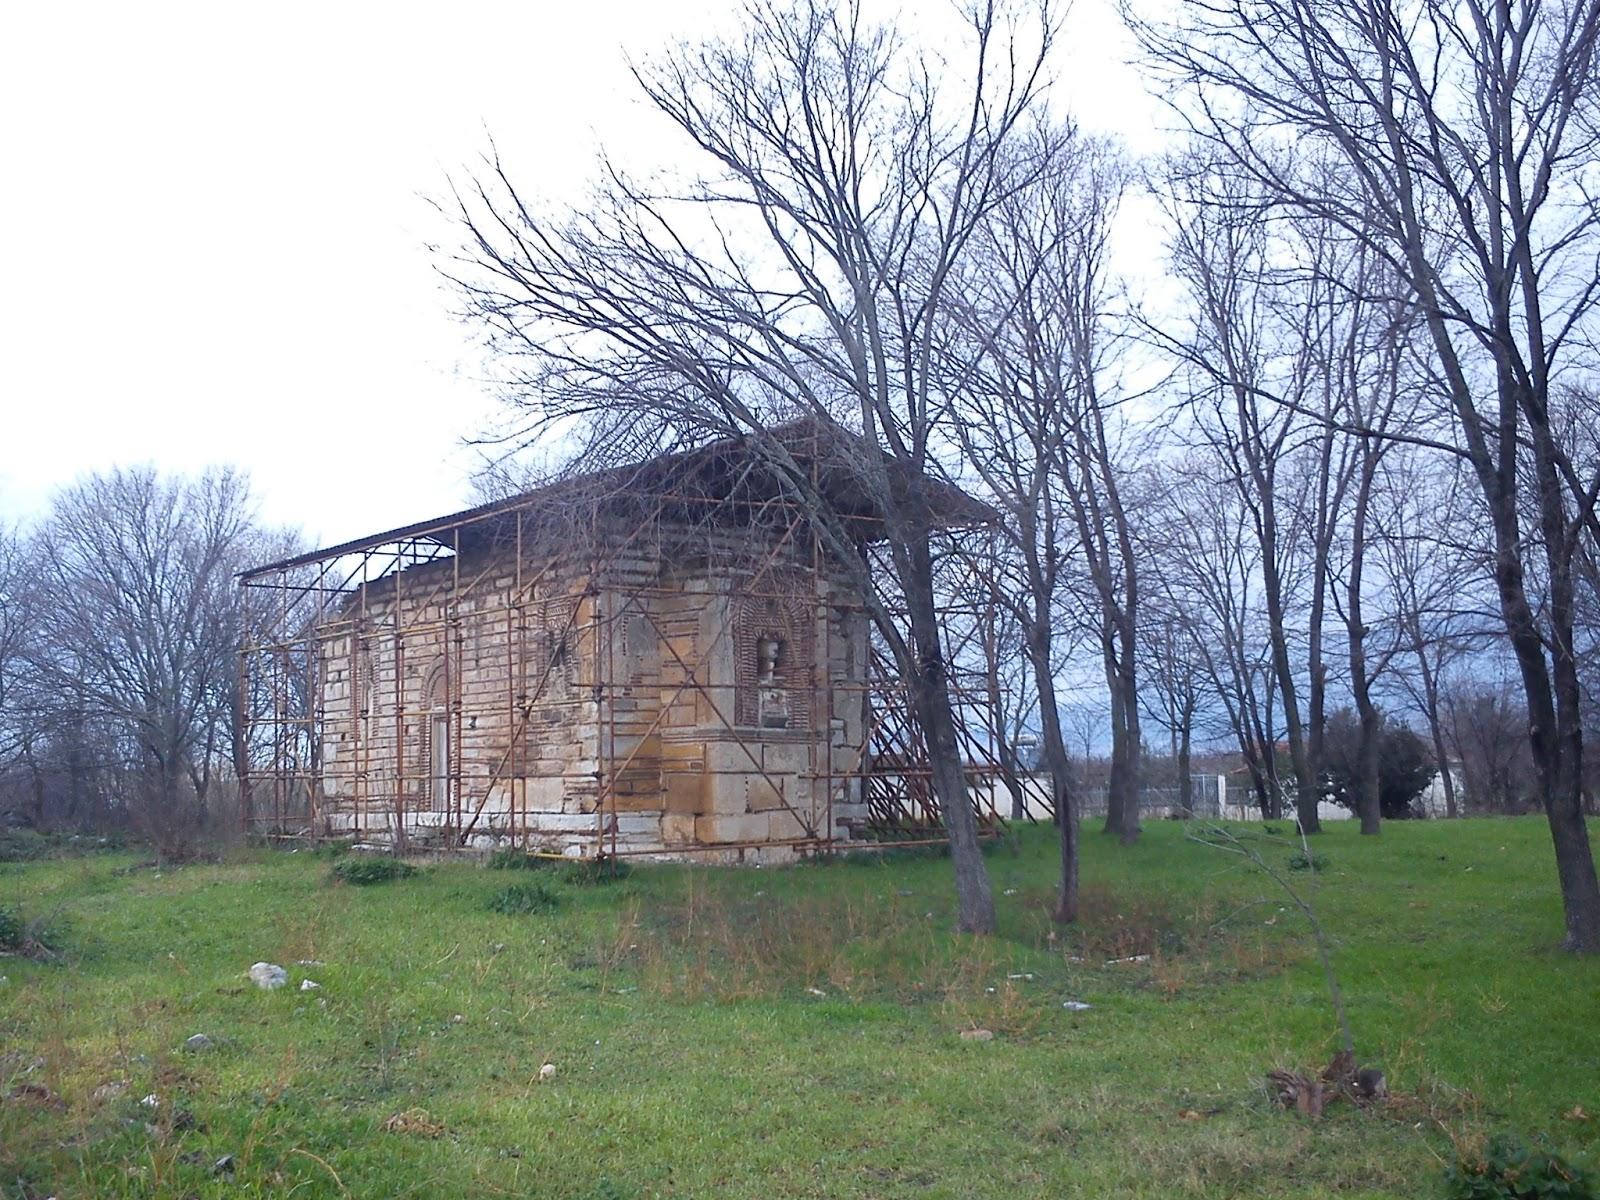 Άγιος Νικόλαος Καναλίων. Ναός του 12-13ου αι.μ.Χ. με τοιχογραφίες στο εσωτερικό τον 13ο έως τον 18ο αι. μ.Χ.  Χτίστηκε πάνω στη Νεολιθική Μαγούλα.